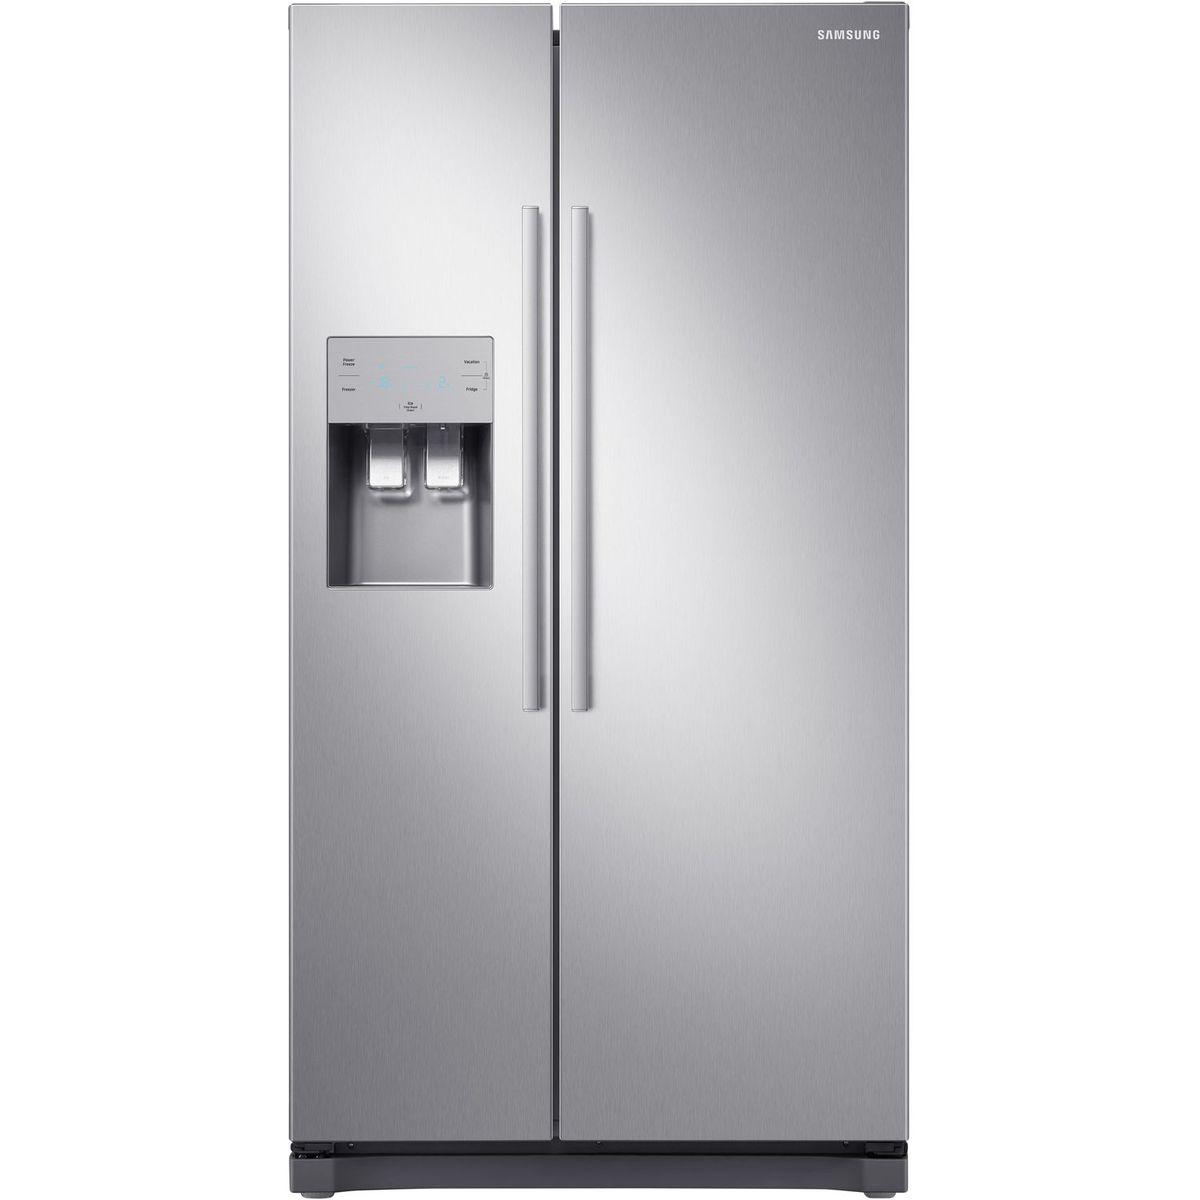 Réfrigérateur américain RS50N3503SA, 534 L, Froid ventilé